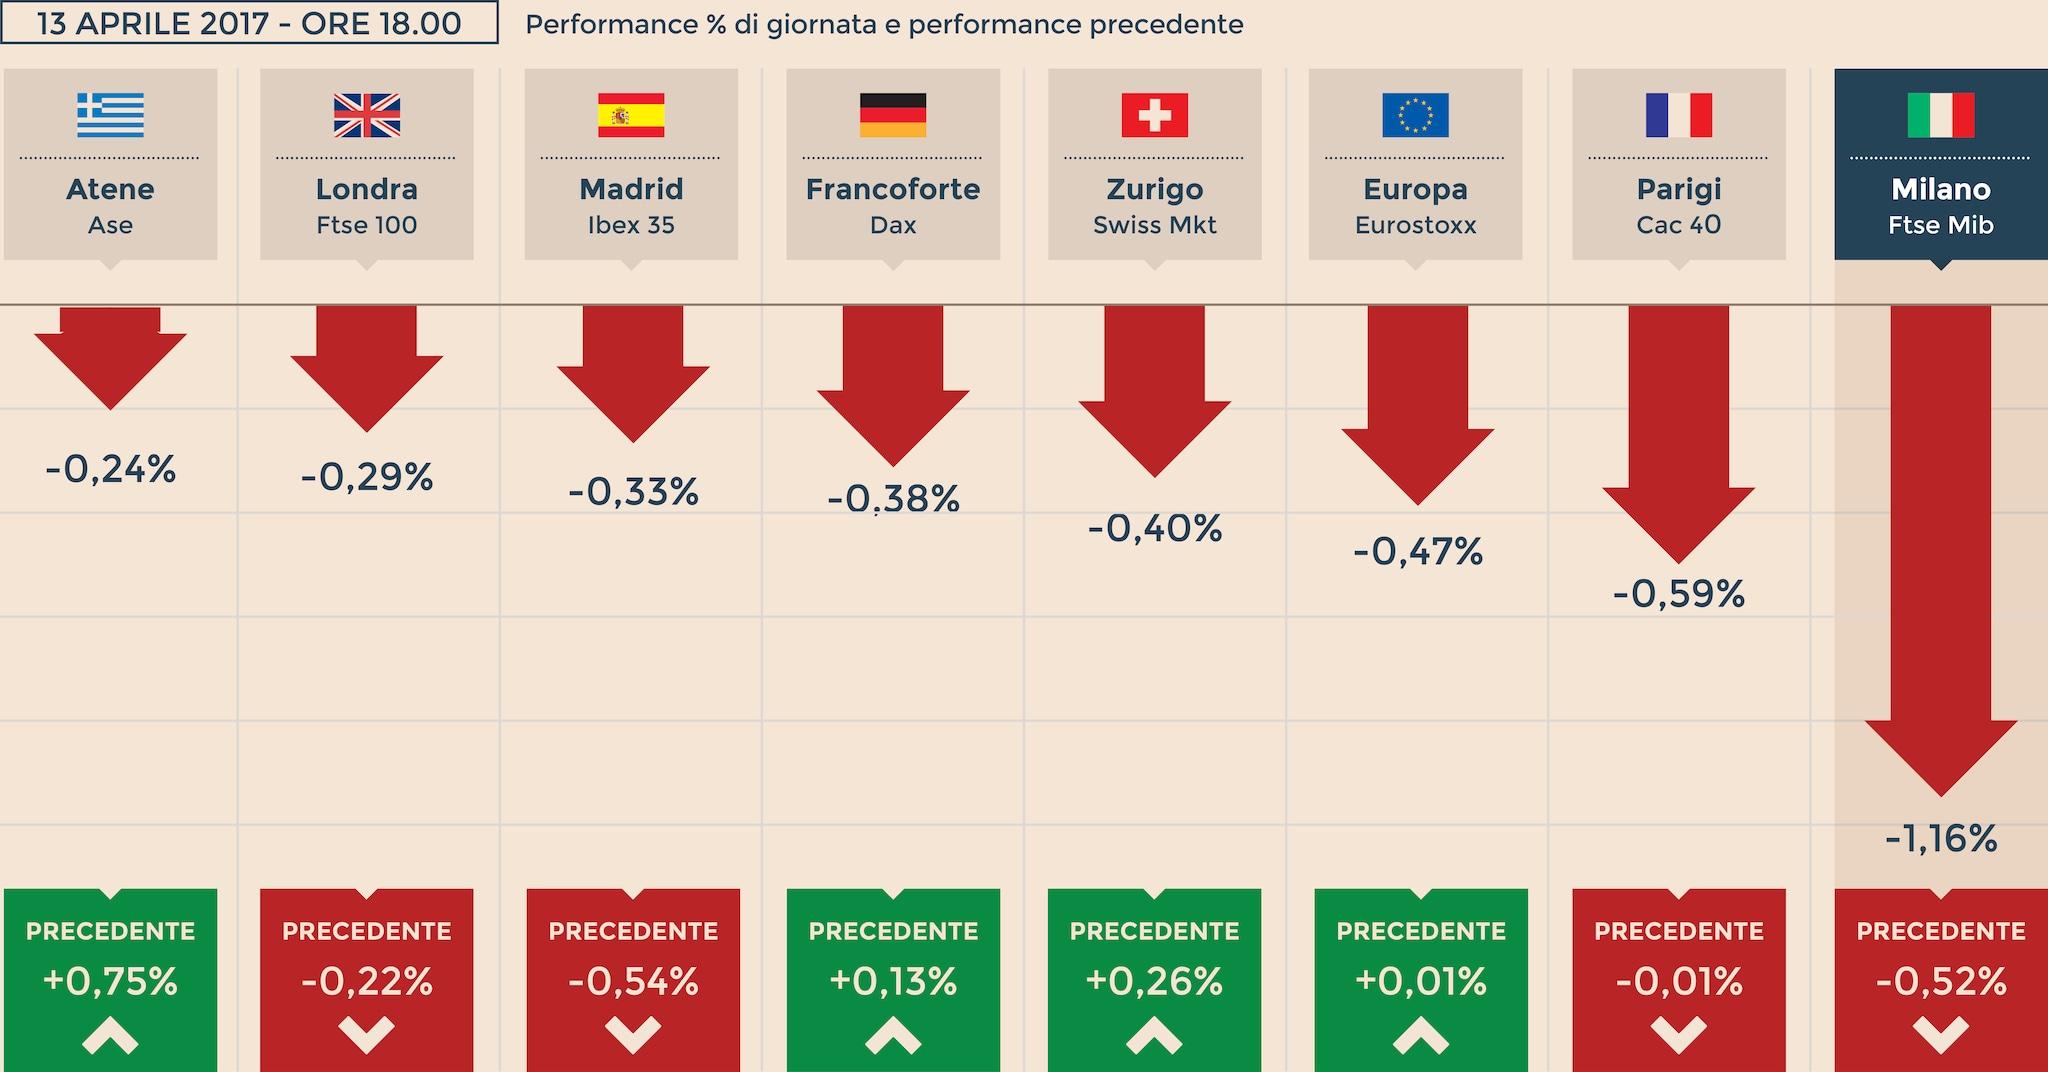 d229de4a7c Milano (-1,16%) maglia nera d'Europa con banche e Fca, spread risale ...